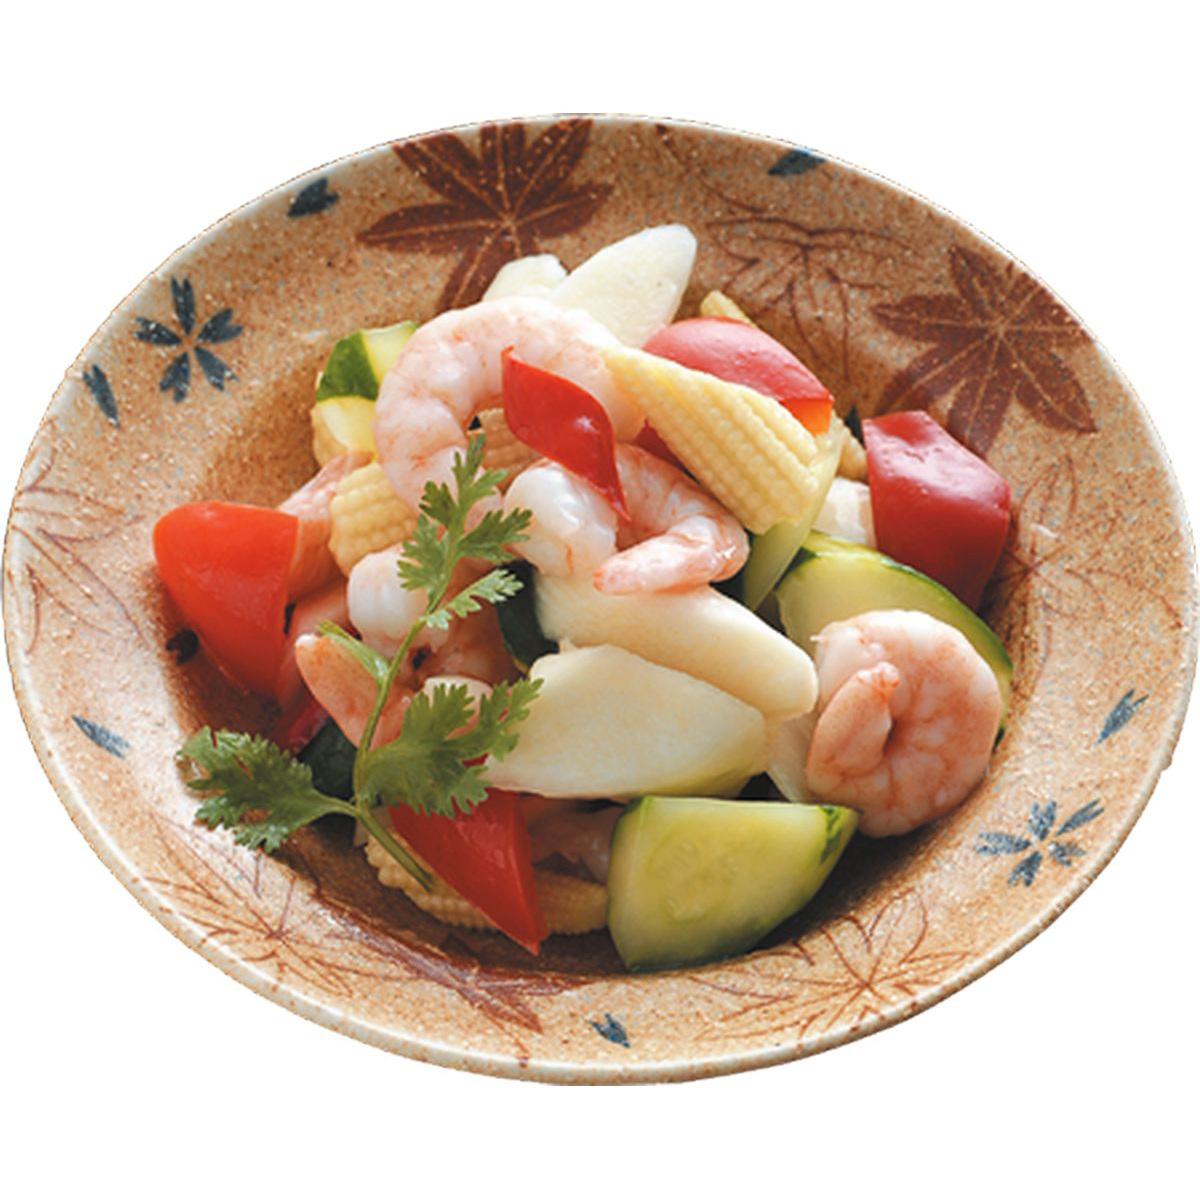 食譜:鮮蔬炒蝦仁